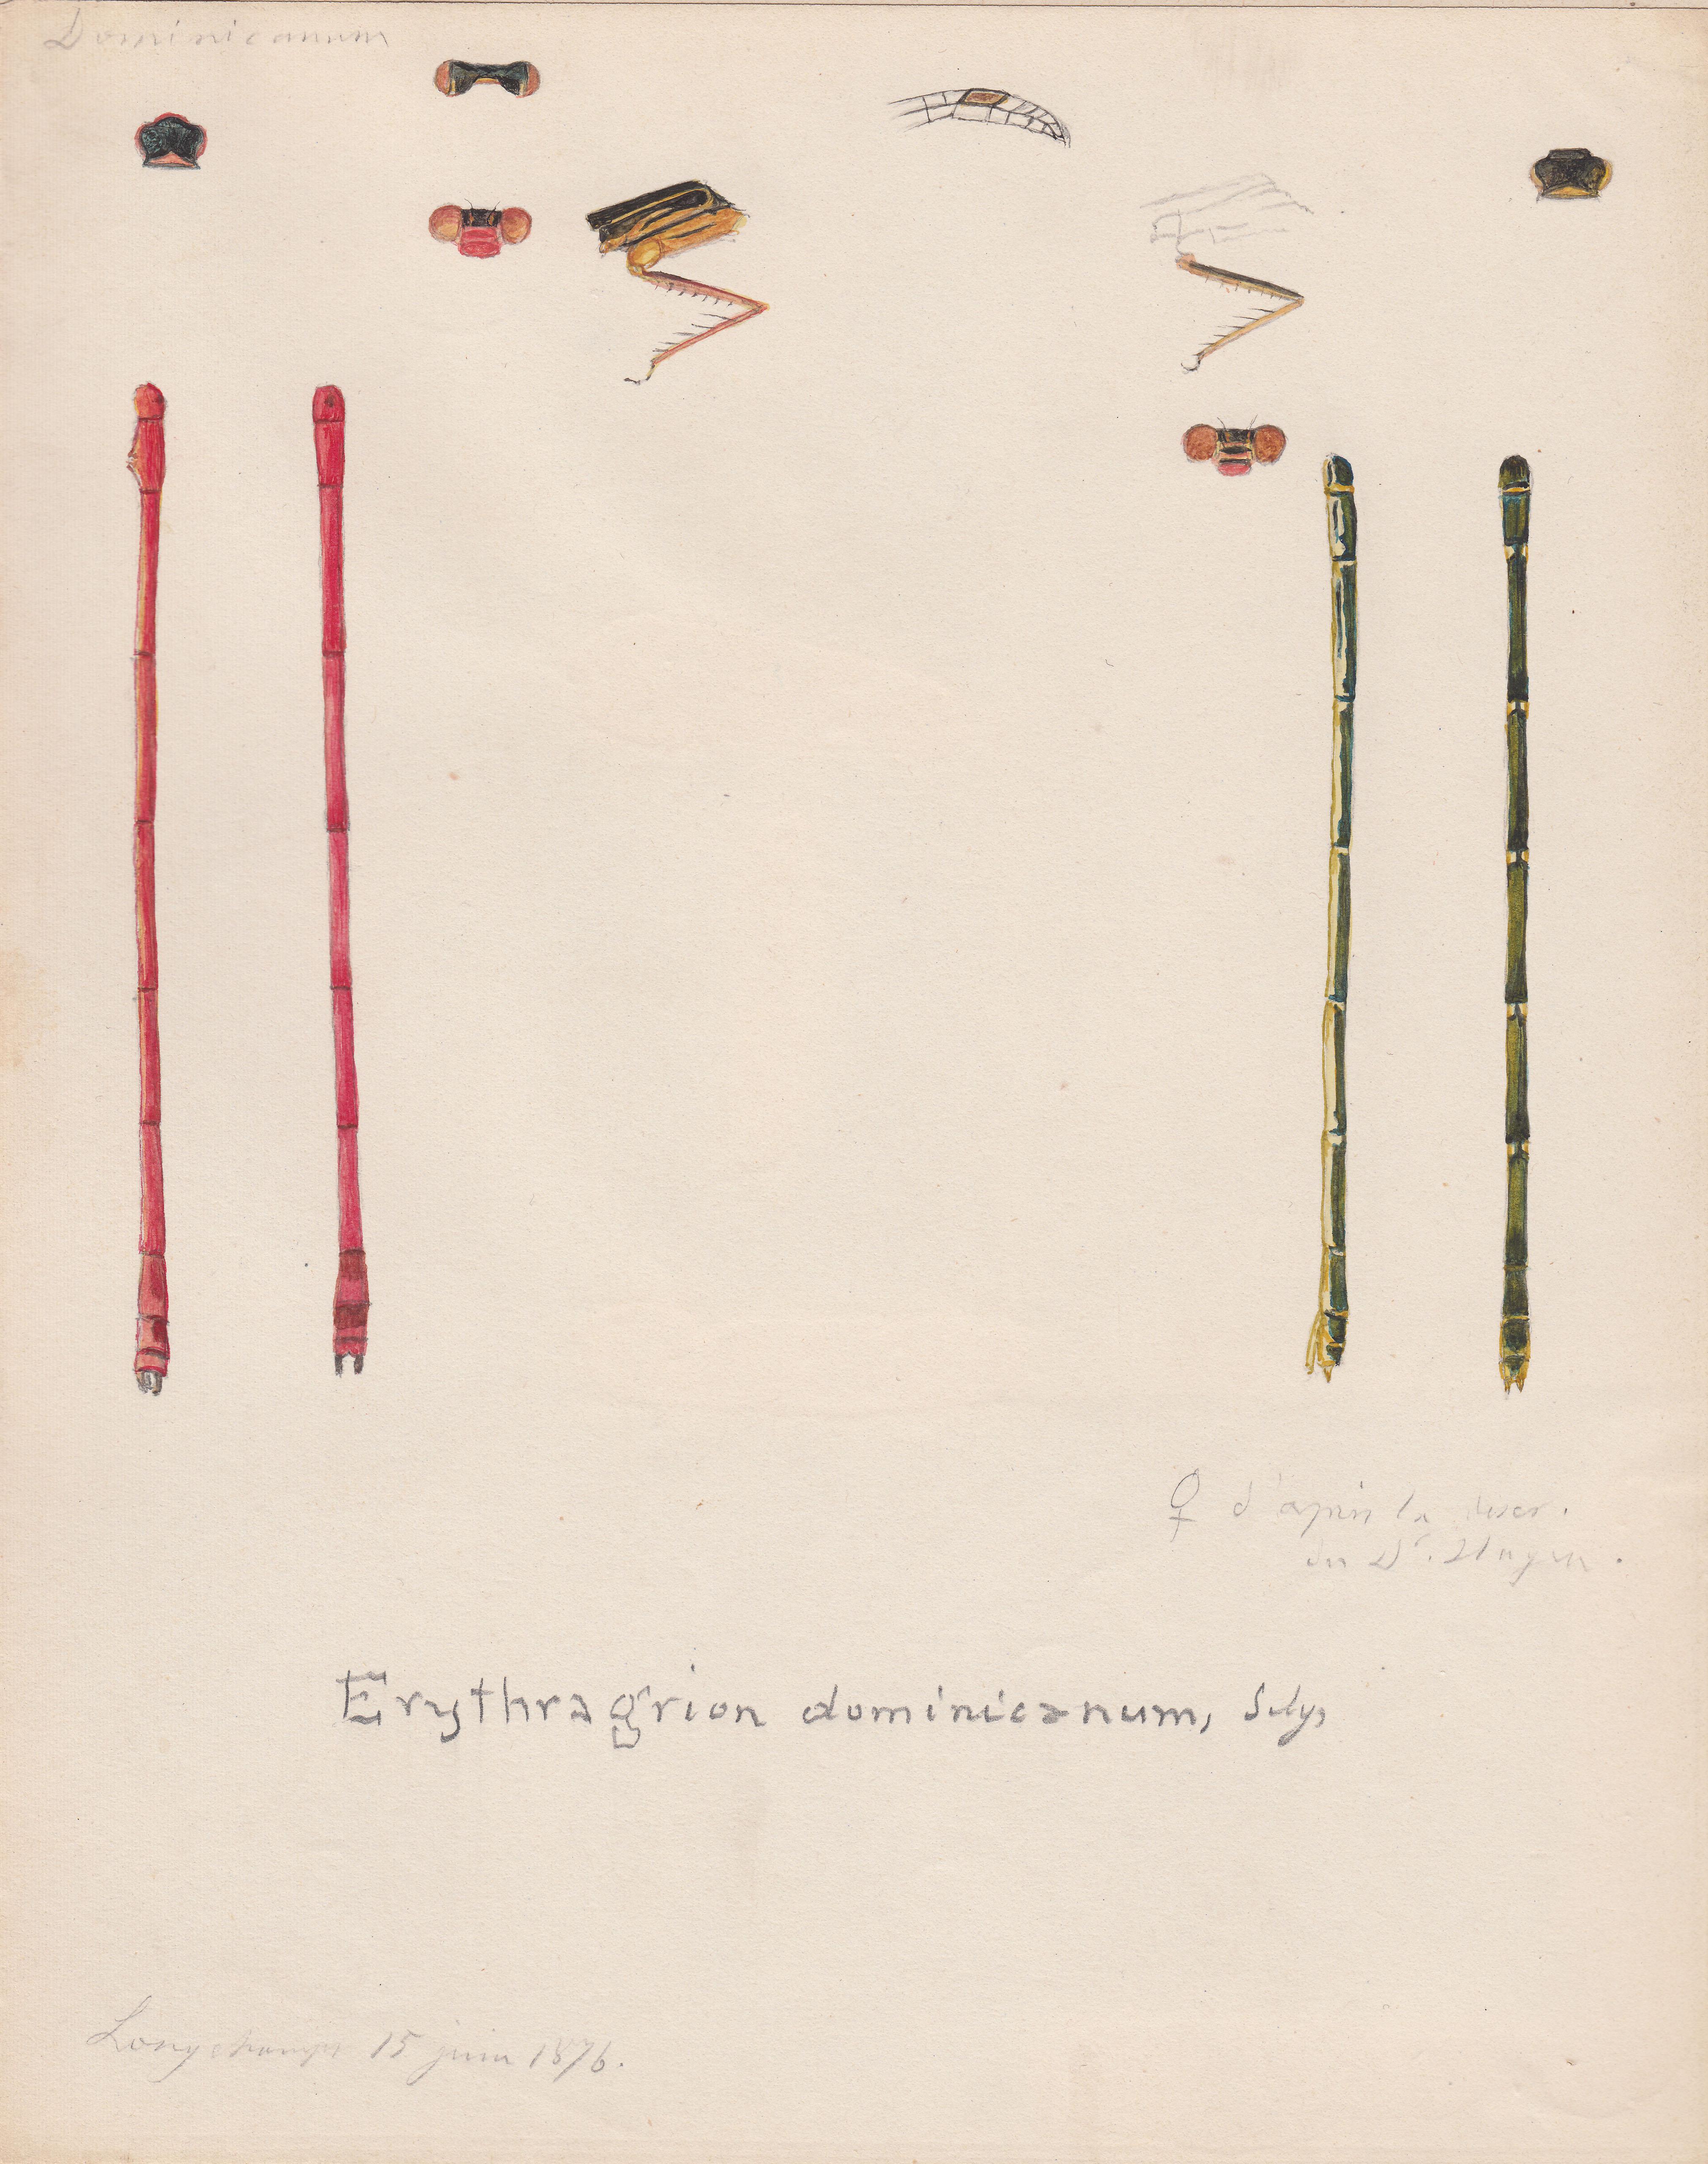 Erythragrion dominicanum.jpg